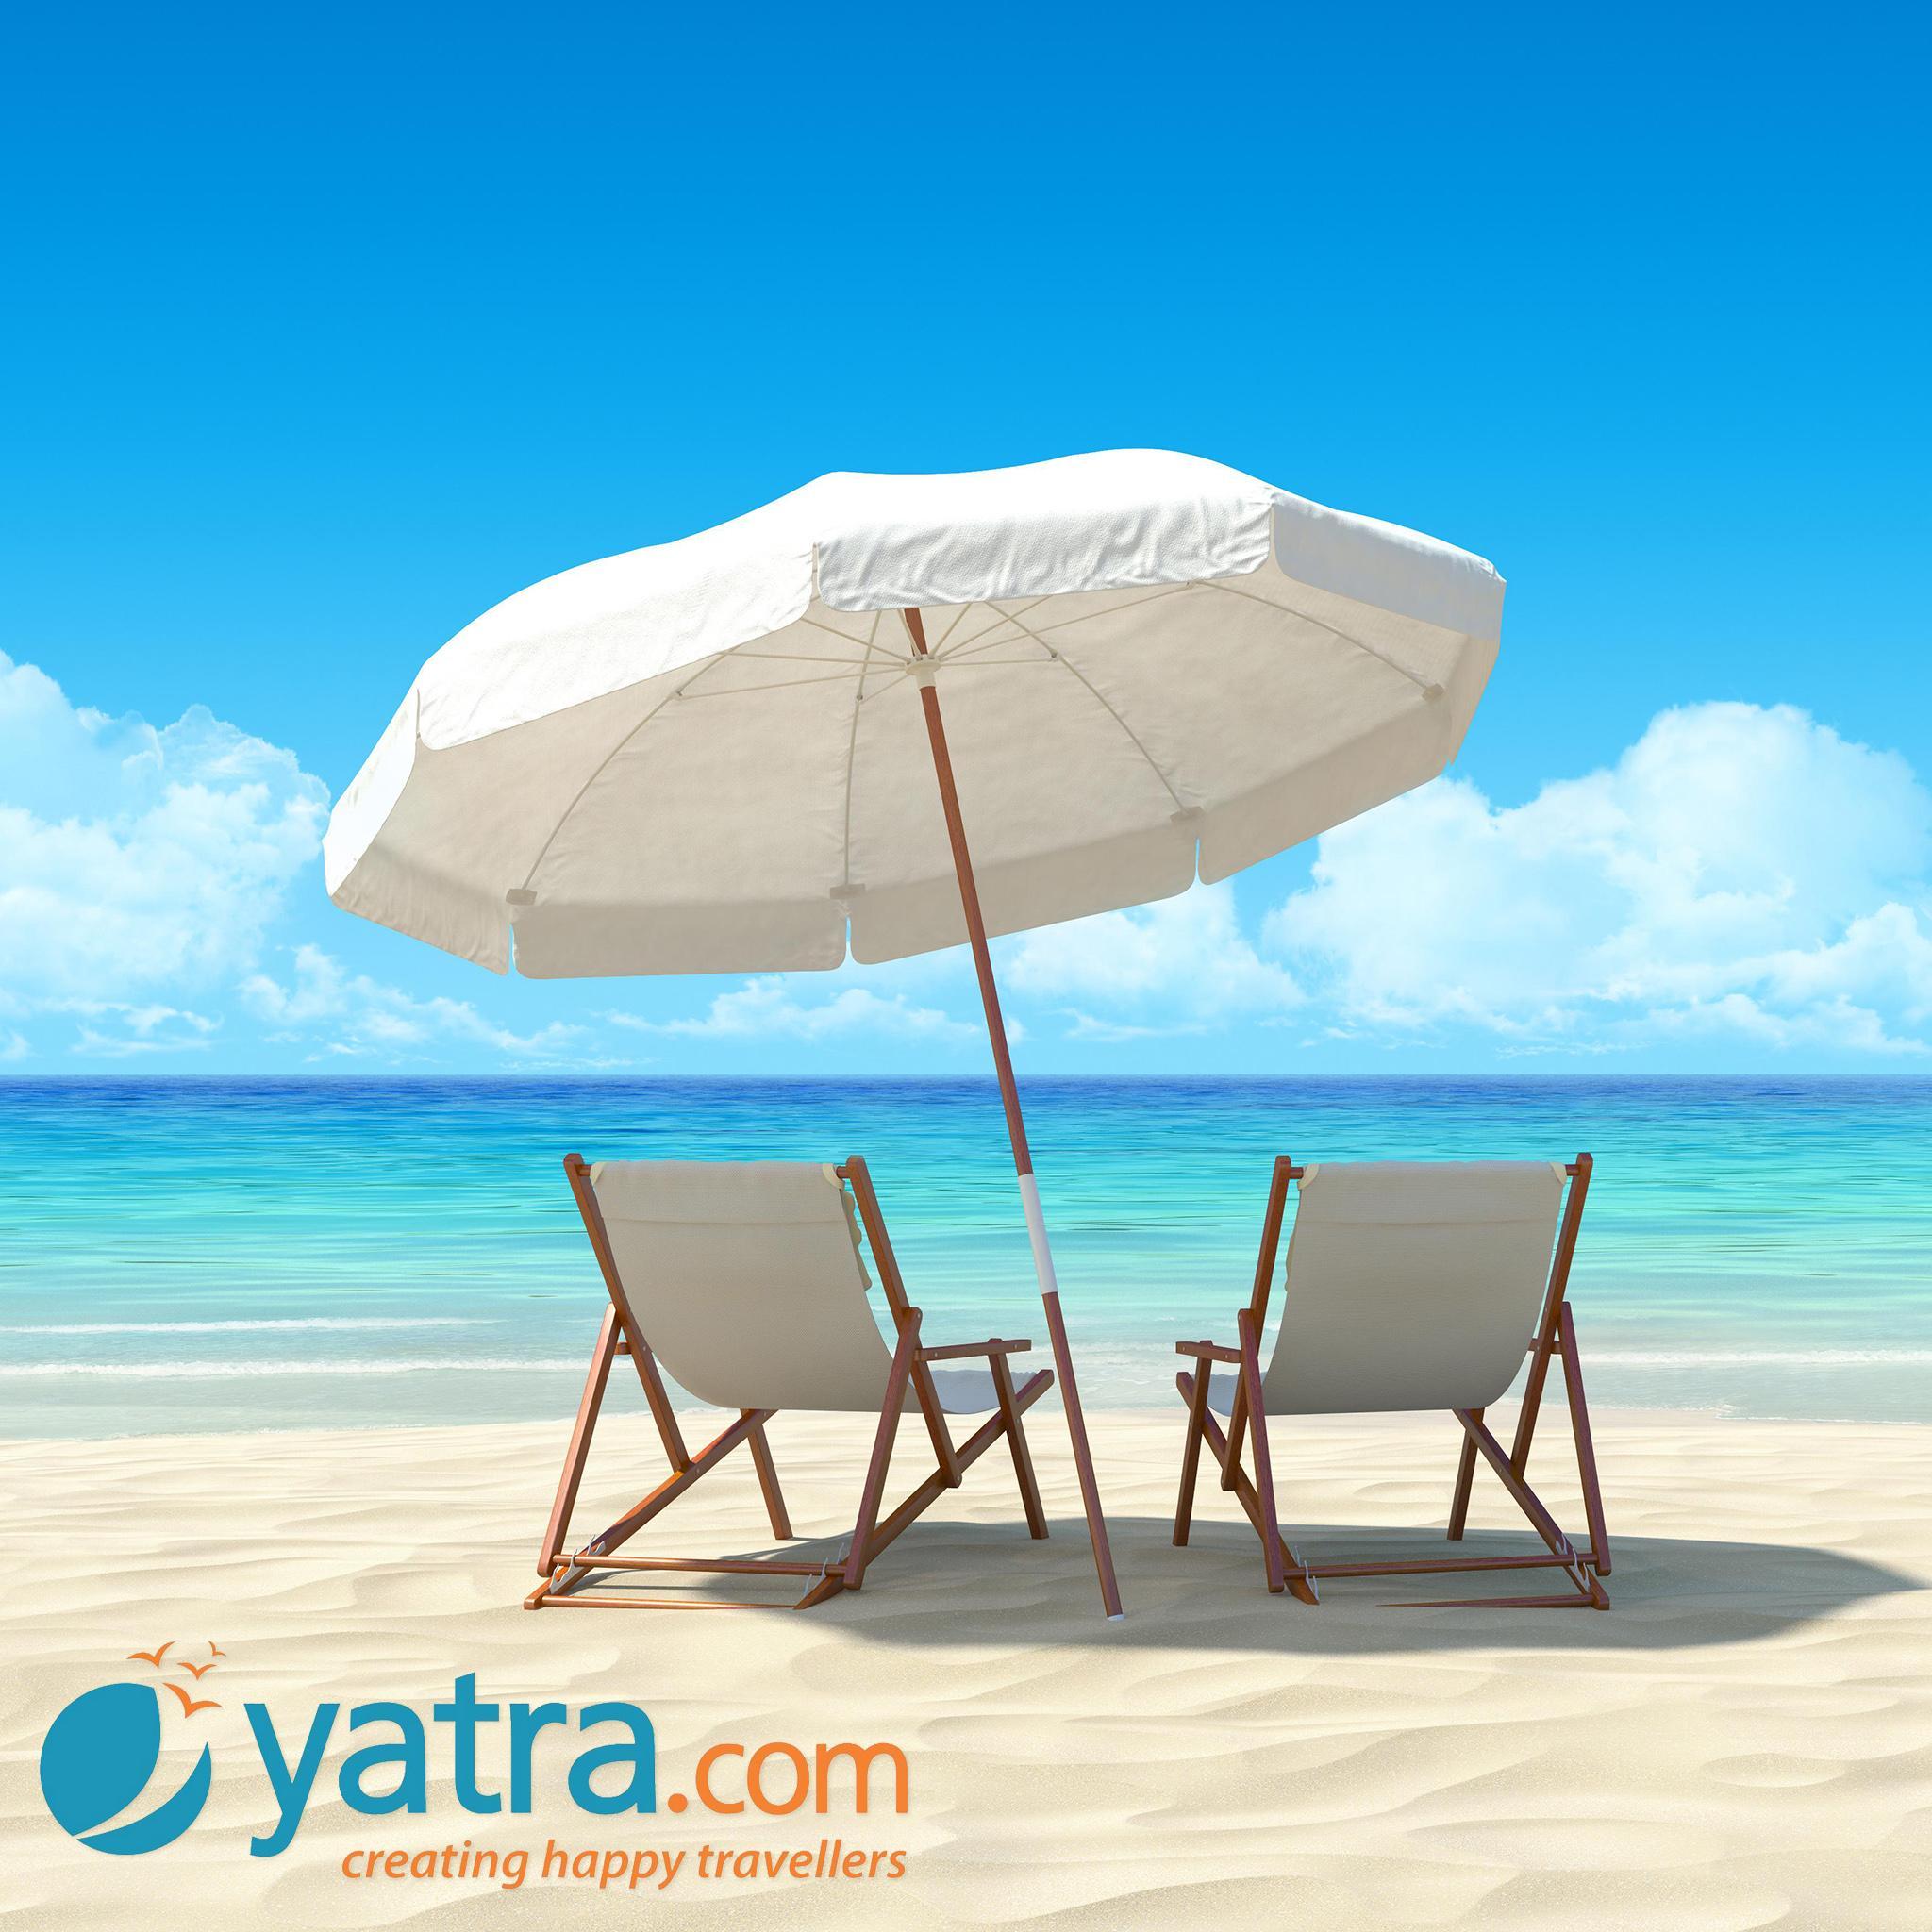 http://www.indiantelevision.com/sites/default/files/styles/smartcrop_800x800/public/images/tv-images/2016/08/12/Yatra%20dot%20com.jpg?itok=kPMj9qVL